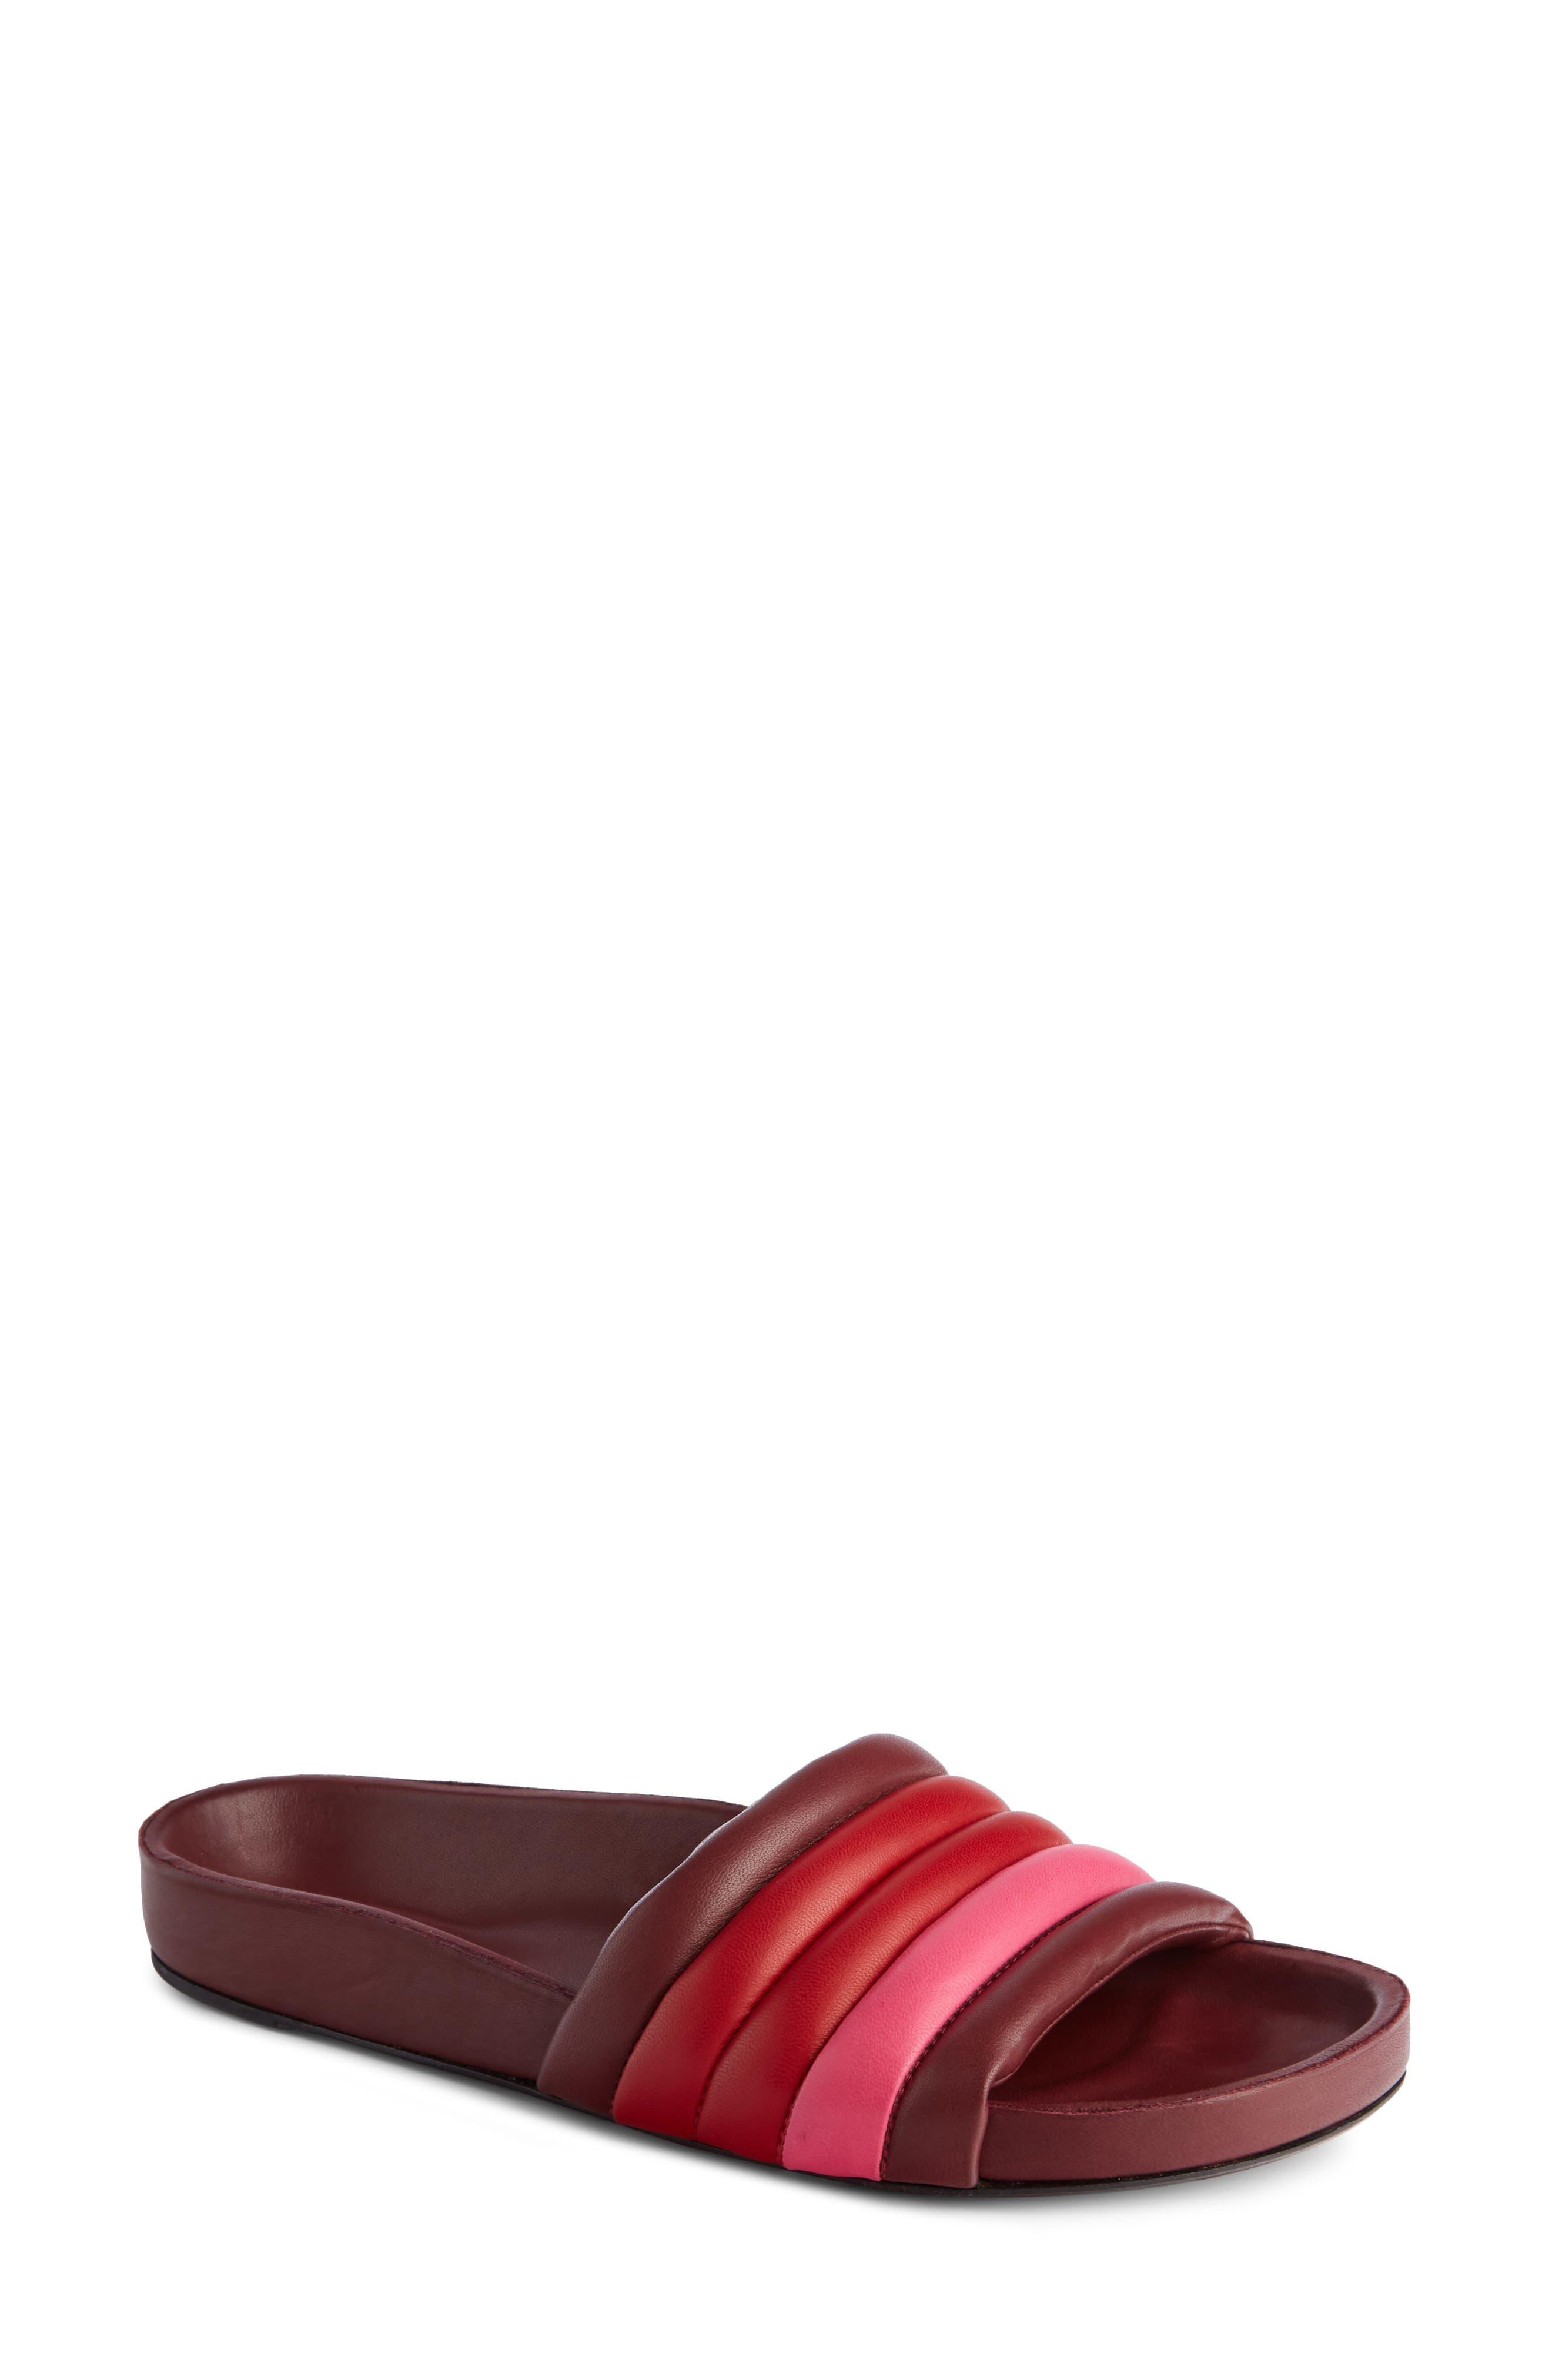 Hellea Slide Sandal,                             Main thumbnail 2, color,